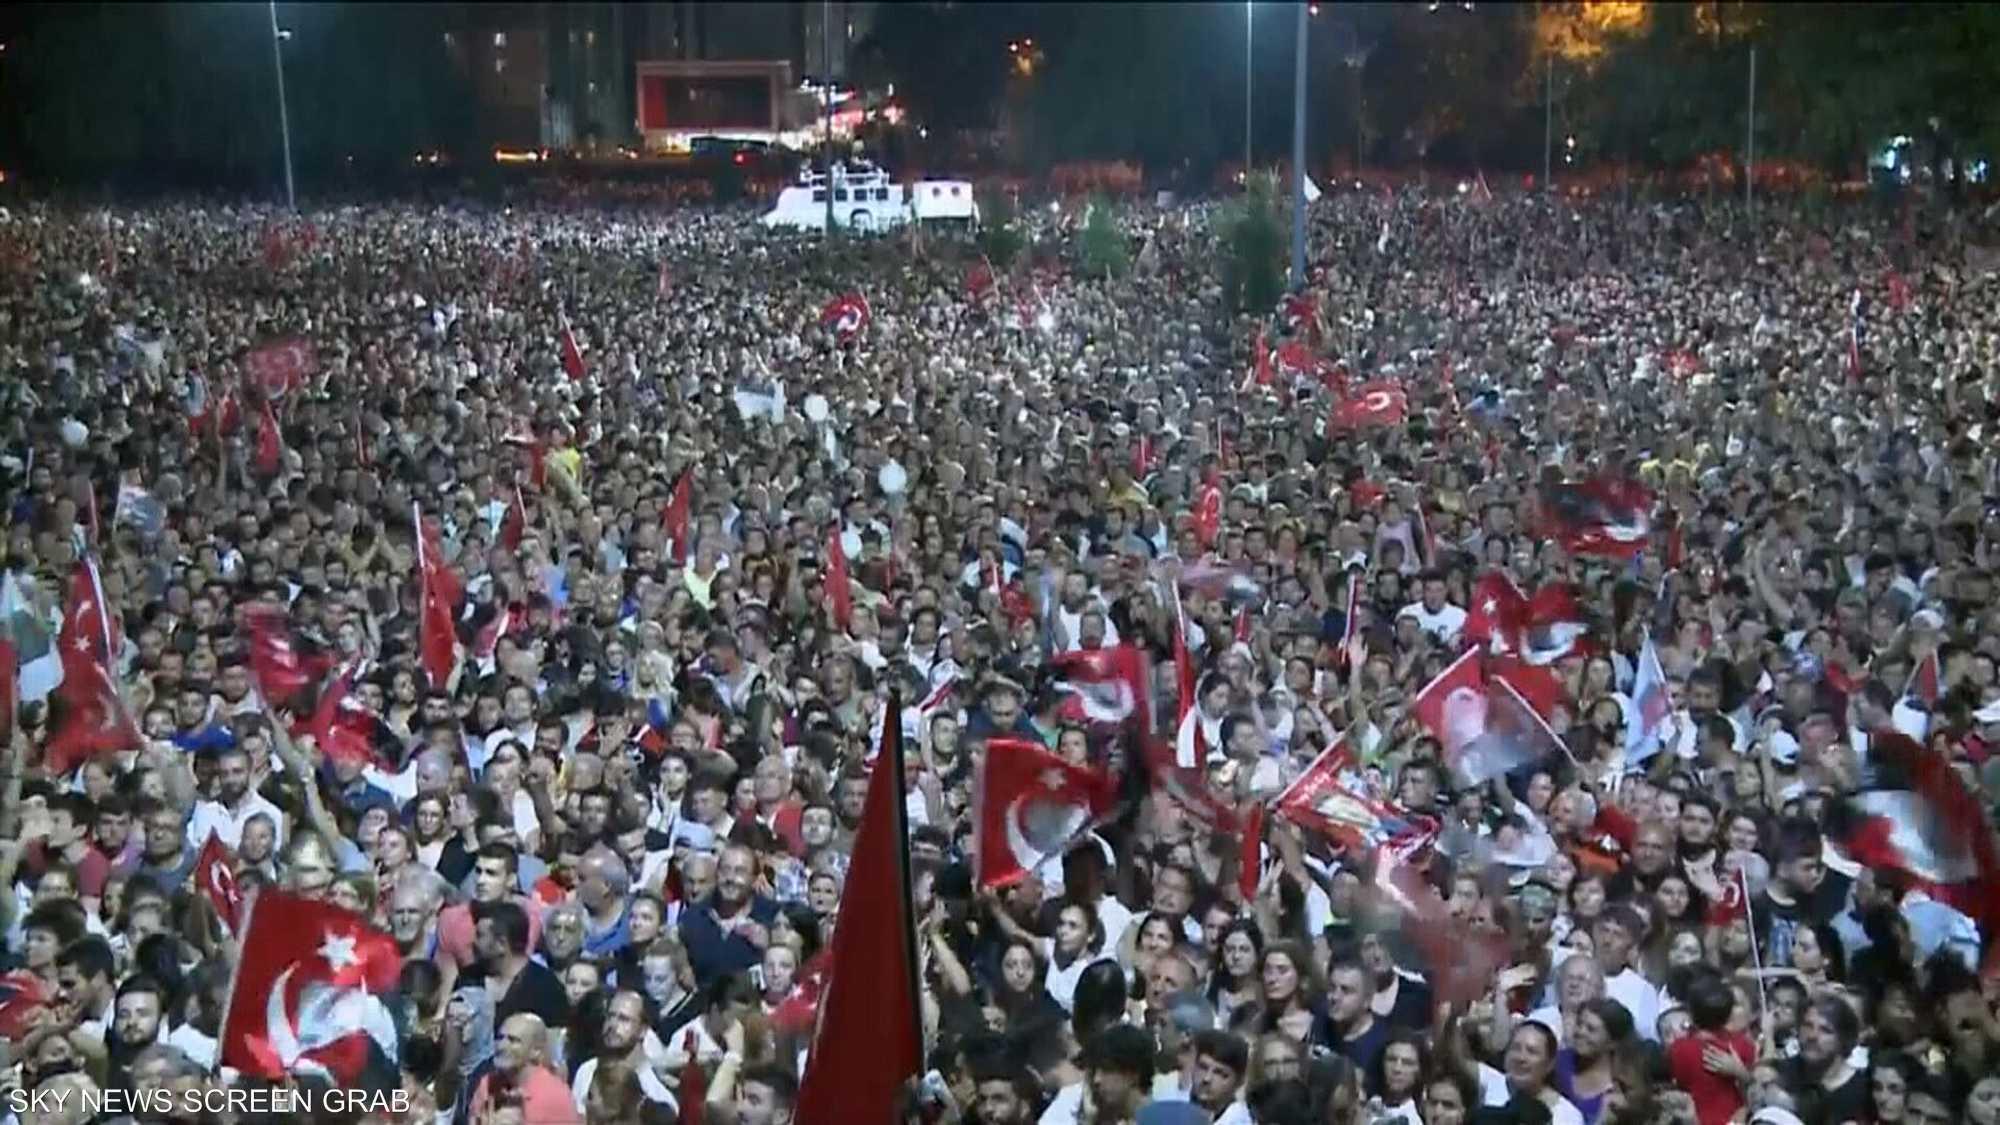 فوز إمام أوغلو للمرة الثانية بانتخابات إسطنبول